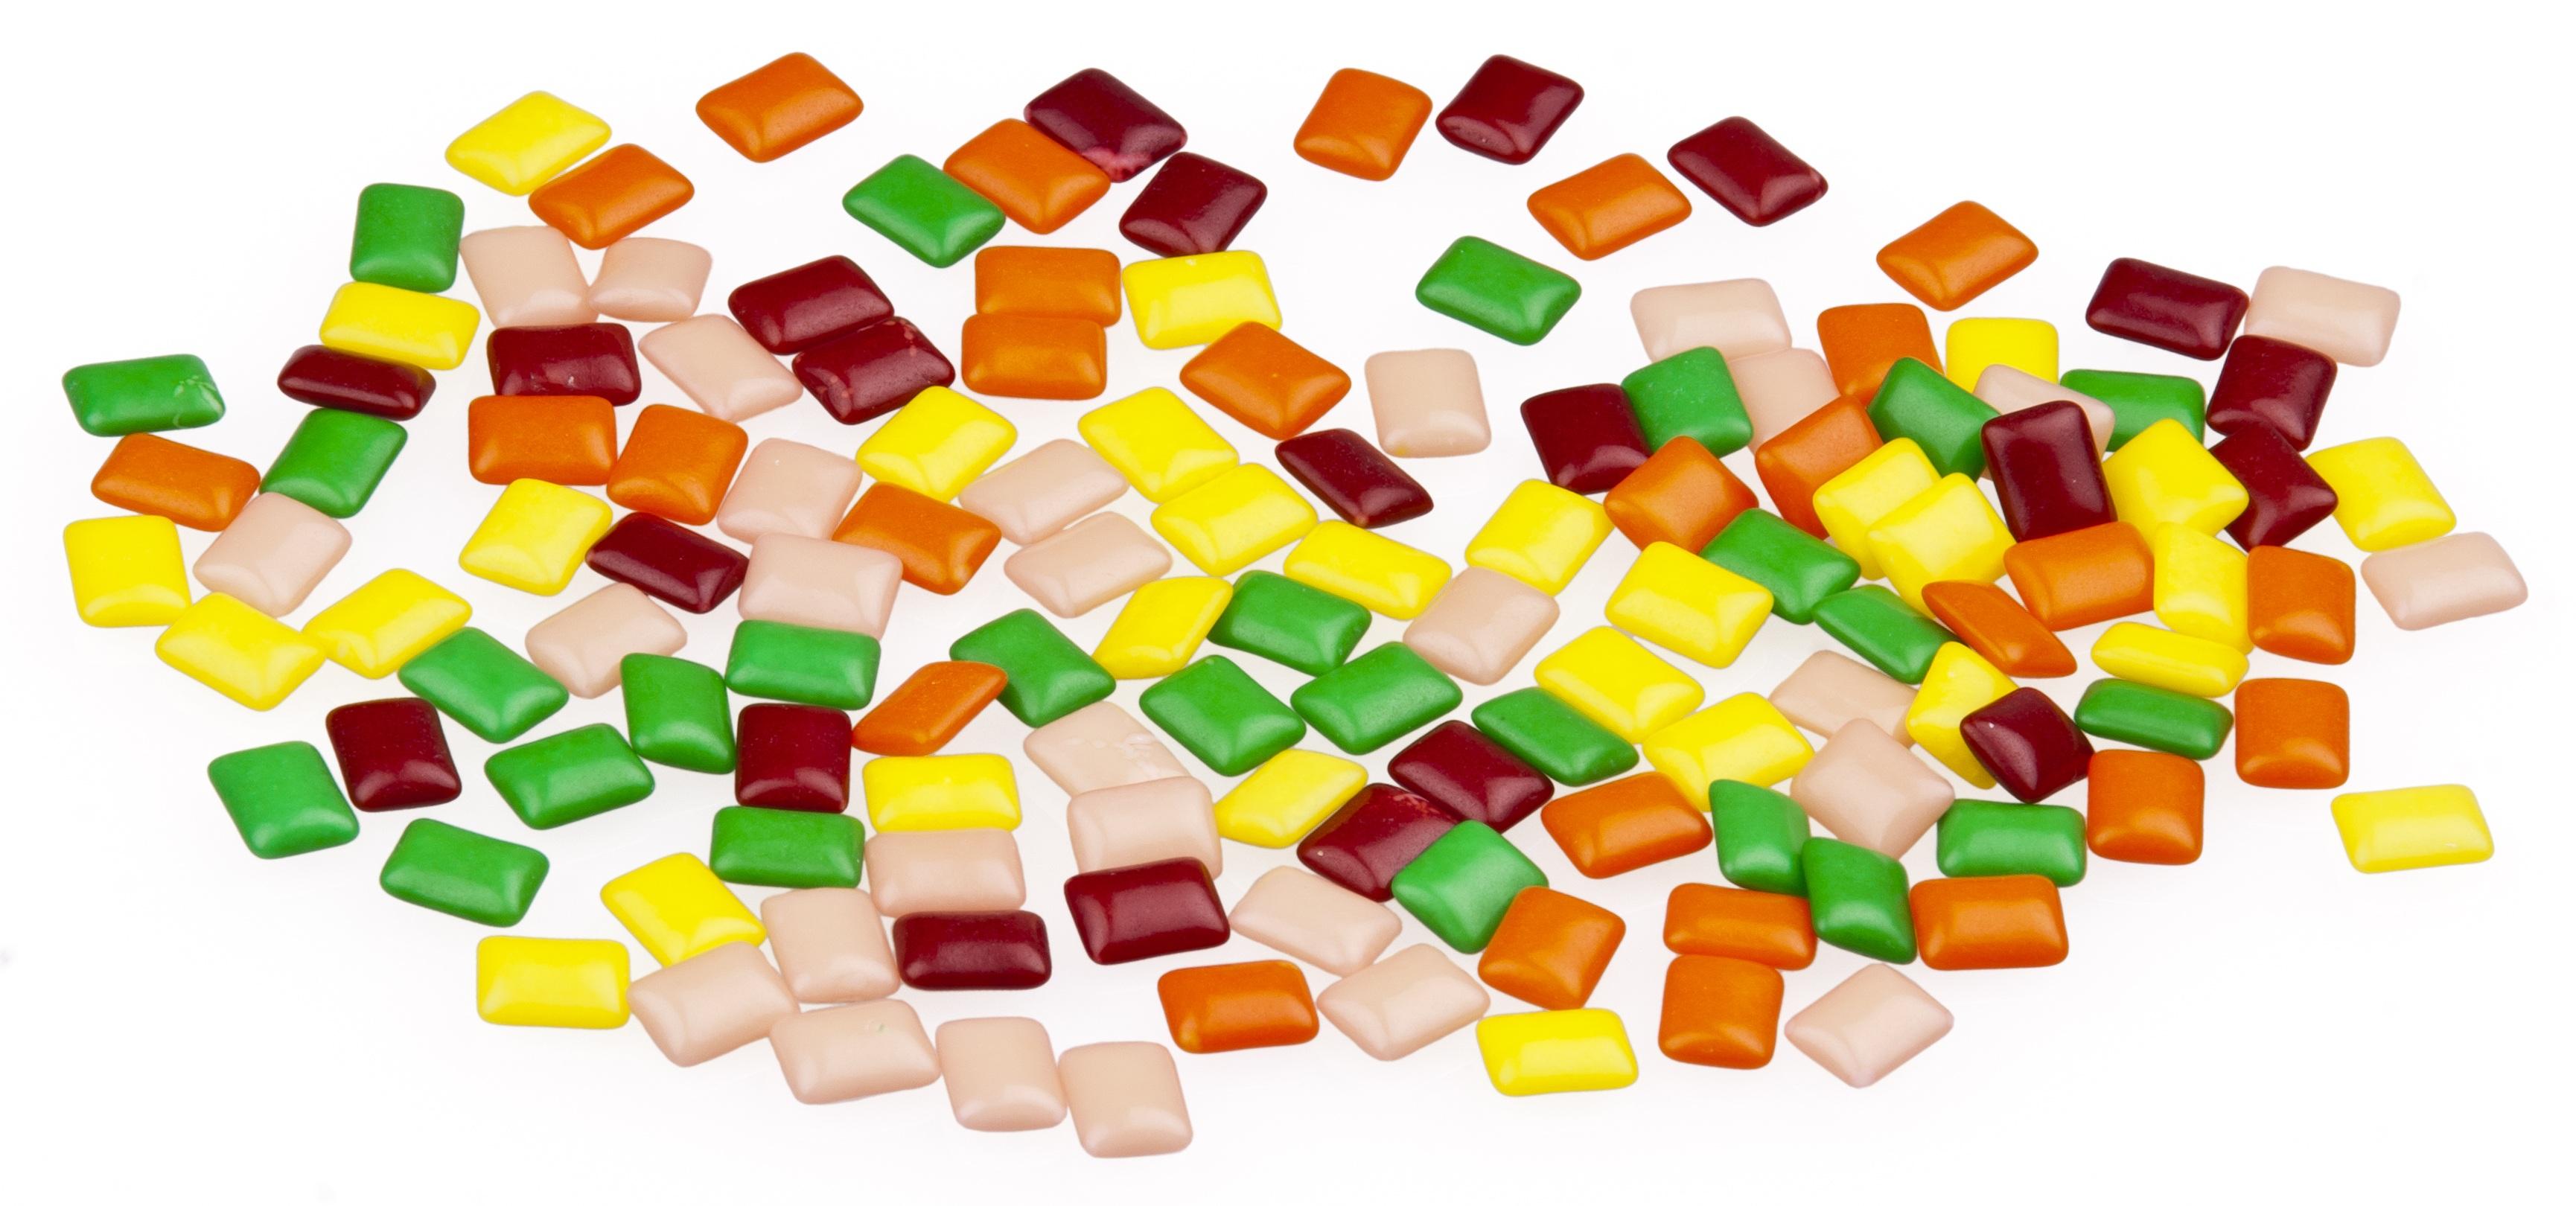 虫歯が増える確率50%から35%に低減-チョコ味のキシリトールガムを検討し始めました-